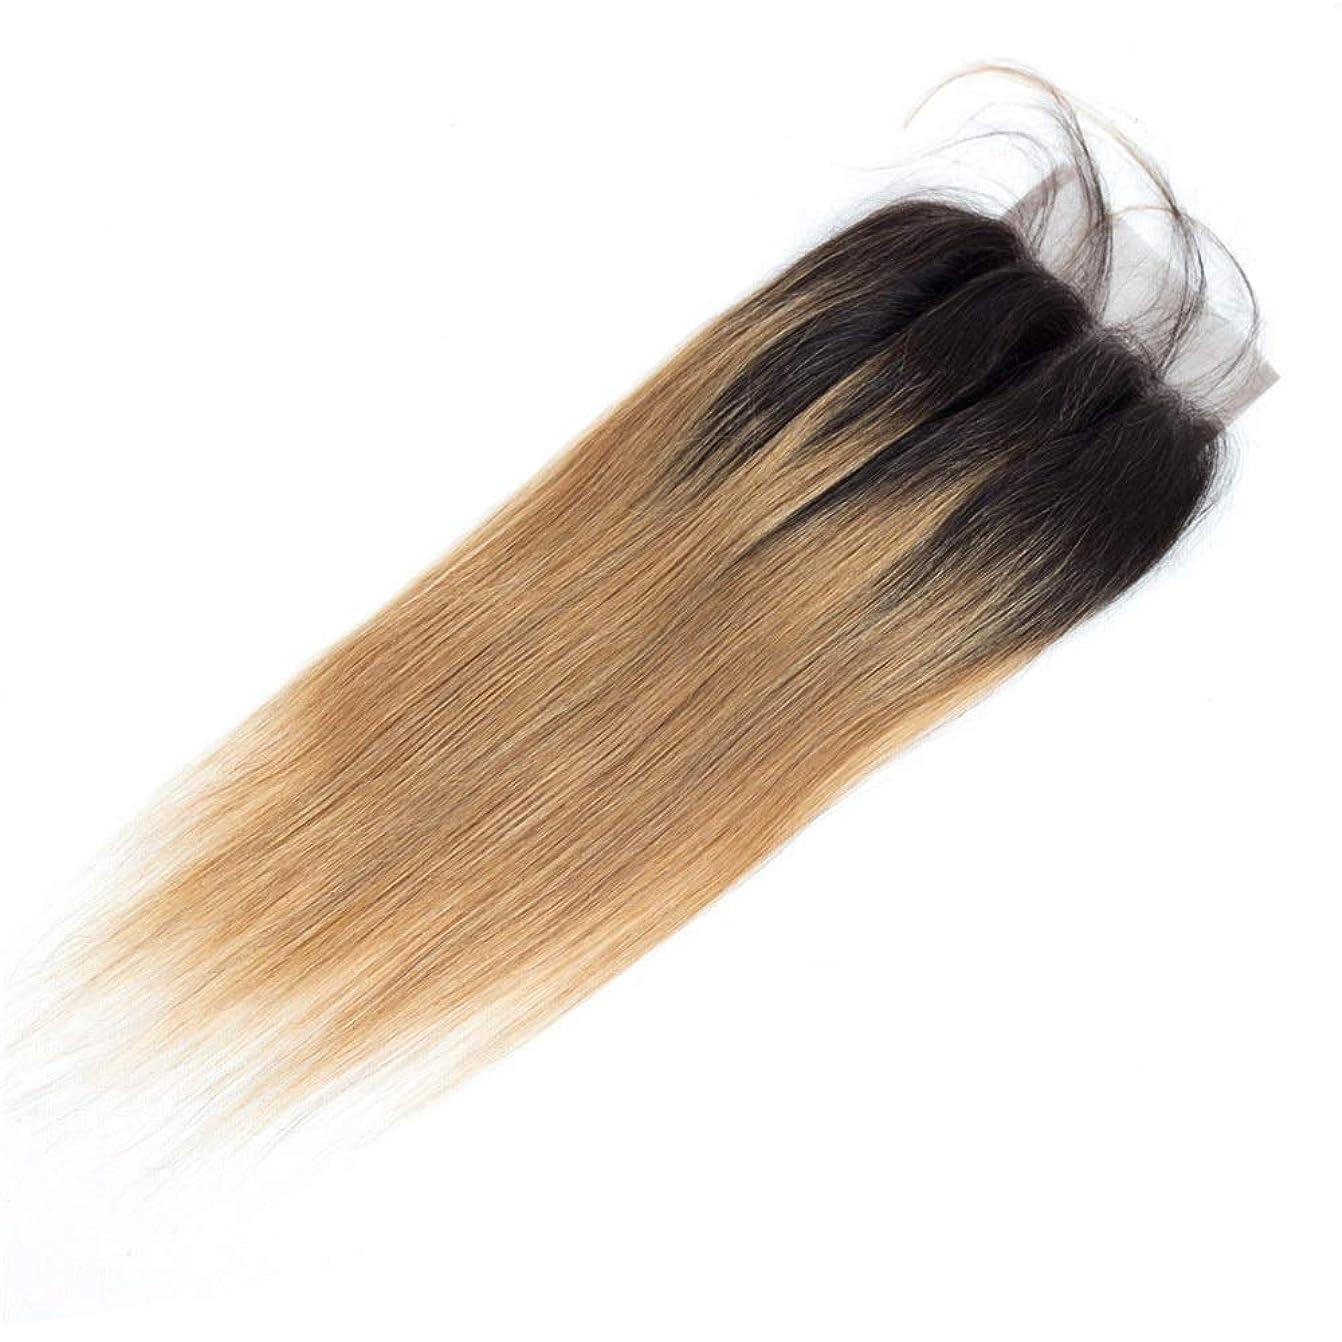 入場光液化するYESONEEP 実体波ブラジルの人間の髪の毛のレース前頭閉鎖カラー1B / 27黒から耳に茶色の耳4 x 4インチトップクロージャーロングストレートウィッグ茶色のかつら (Color : ブラウン, サイズ : 12 inch)